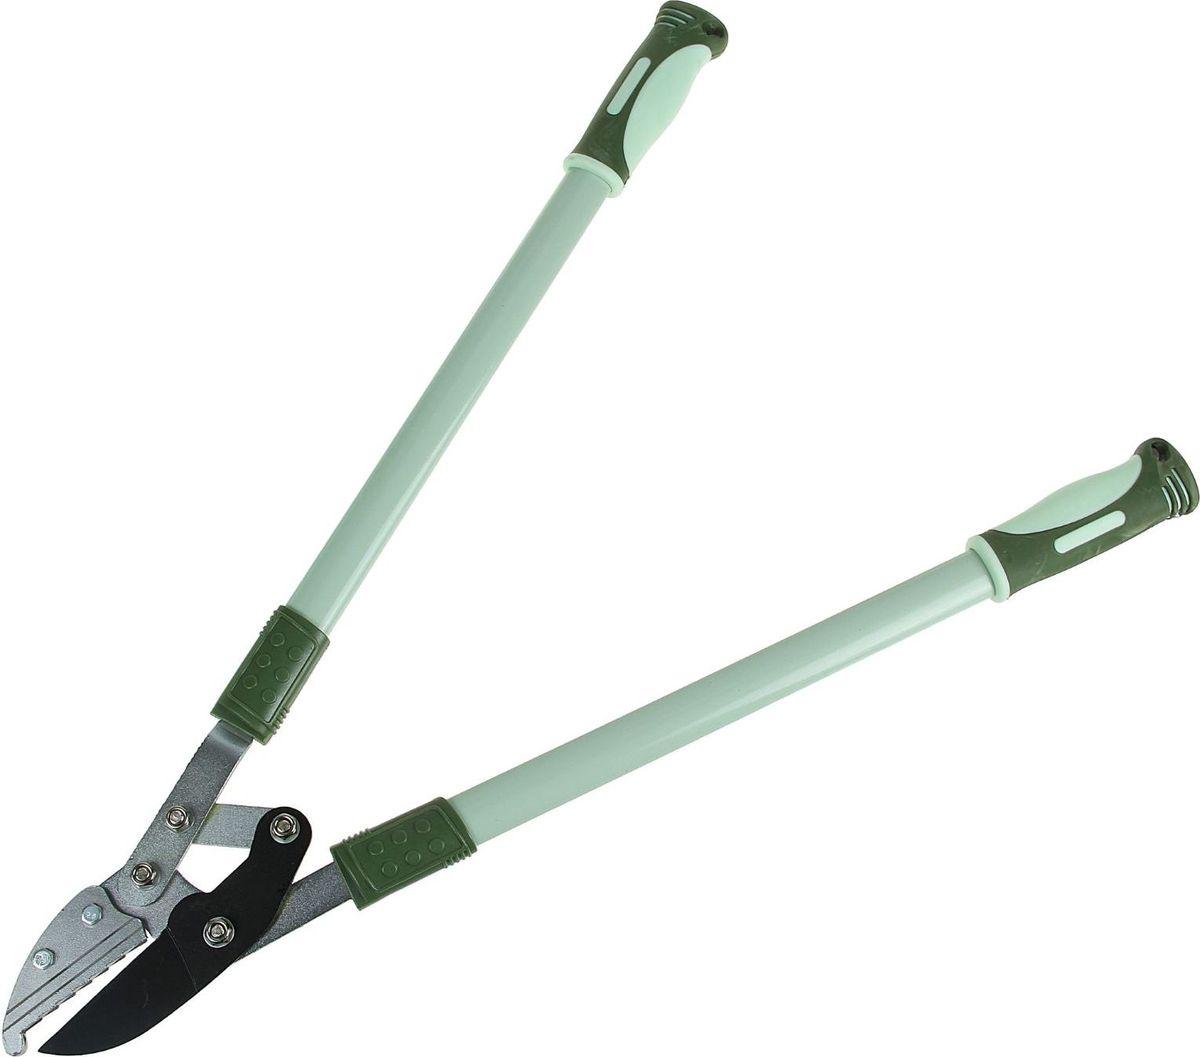 Секатор Доляна, с наковальней, 74 х 30 х 3 см531-402Секатор предназначен для удаления сучков и веток деревьев. Материал: металл, пластик. Размер лезвия: 7 см, общая длина: 74 см.